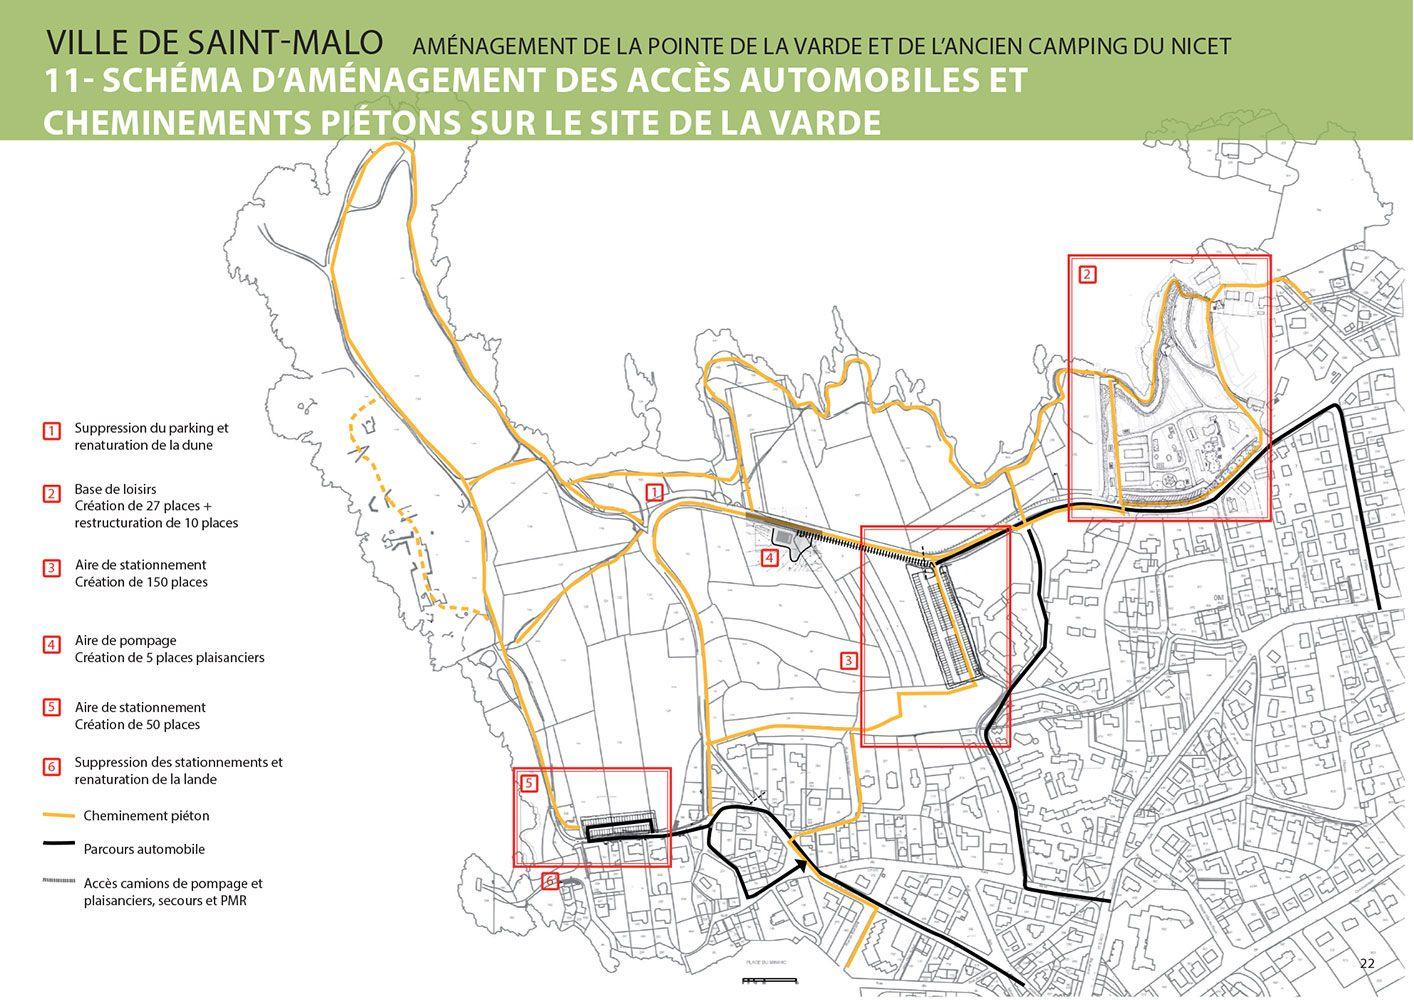 Pointe de la Varde plan ensemble schéma d'aménagement des accès